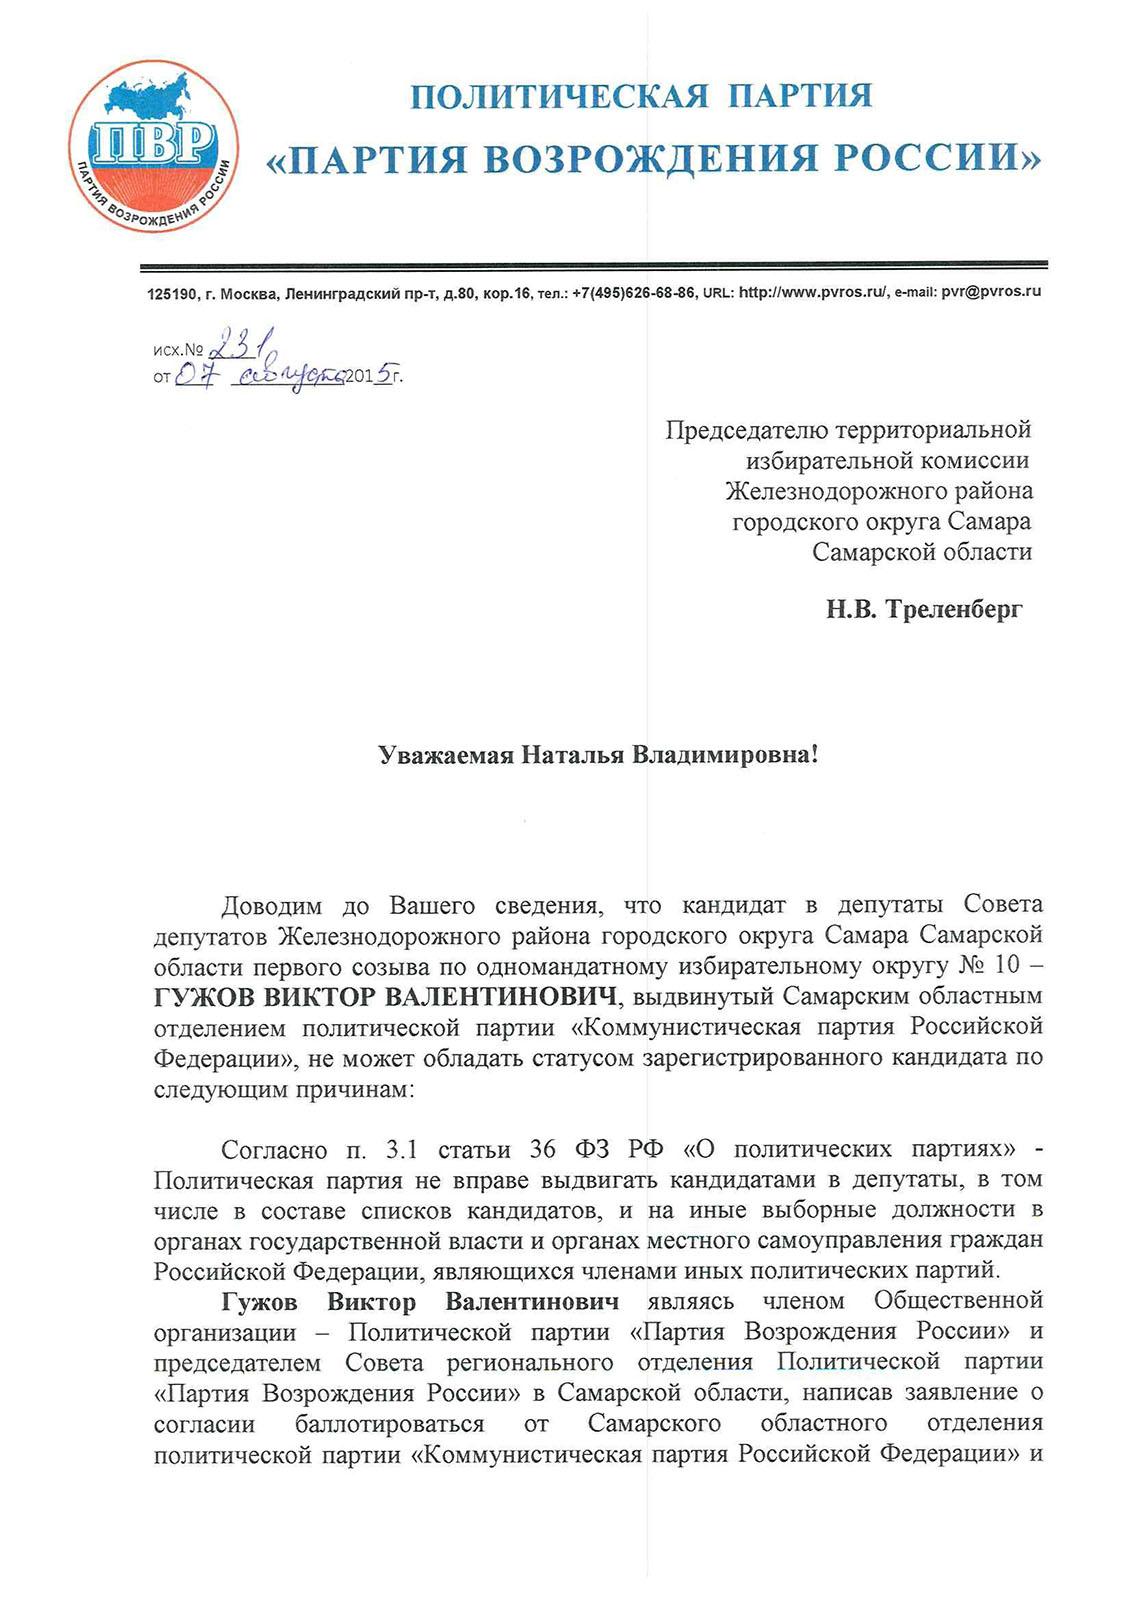 ТИК Самарской обл. лист 11